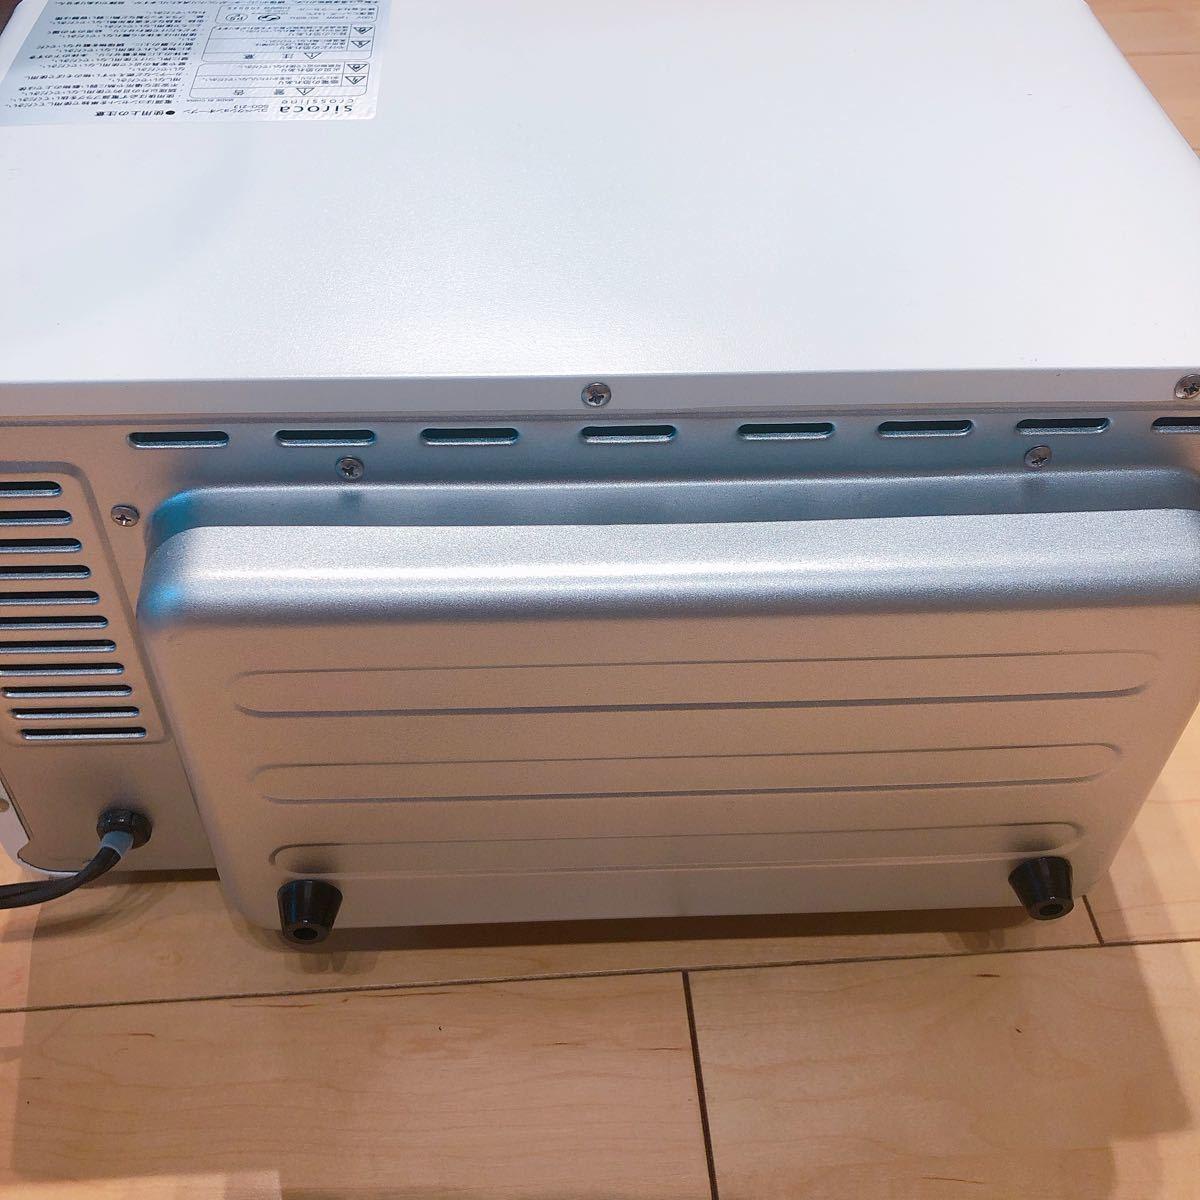 シロカ コンベクションオーブン sco-213 ホワイト  美品 新生活 白 siroca ノンフライオーブン オーブントースター